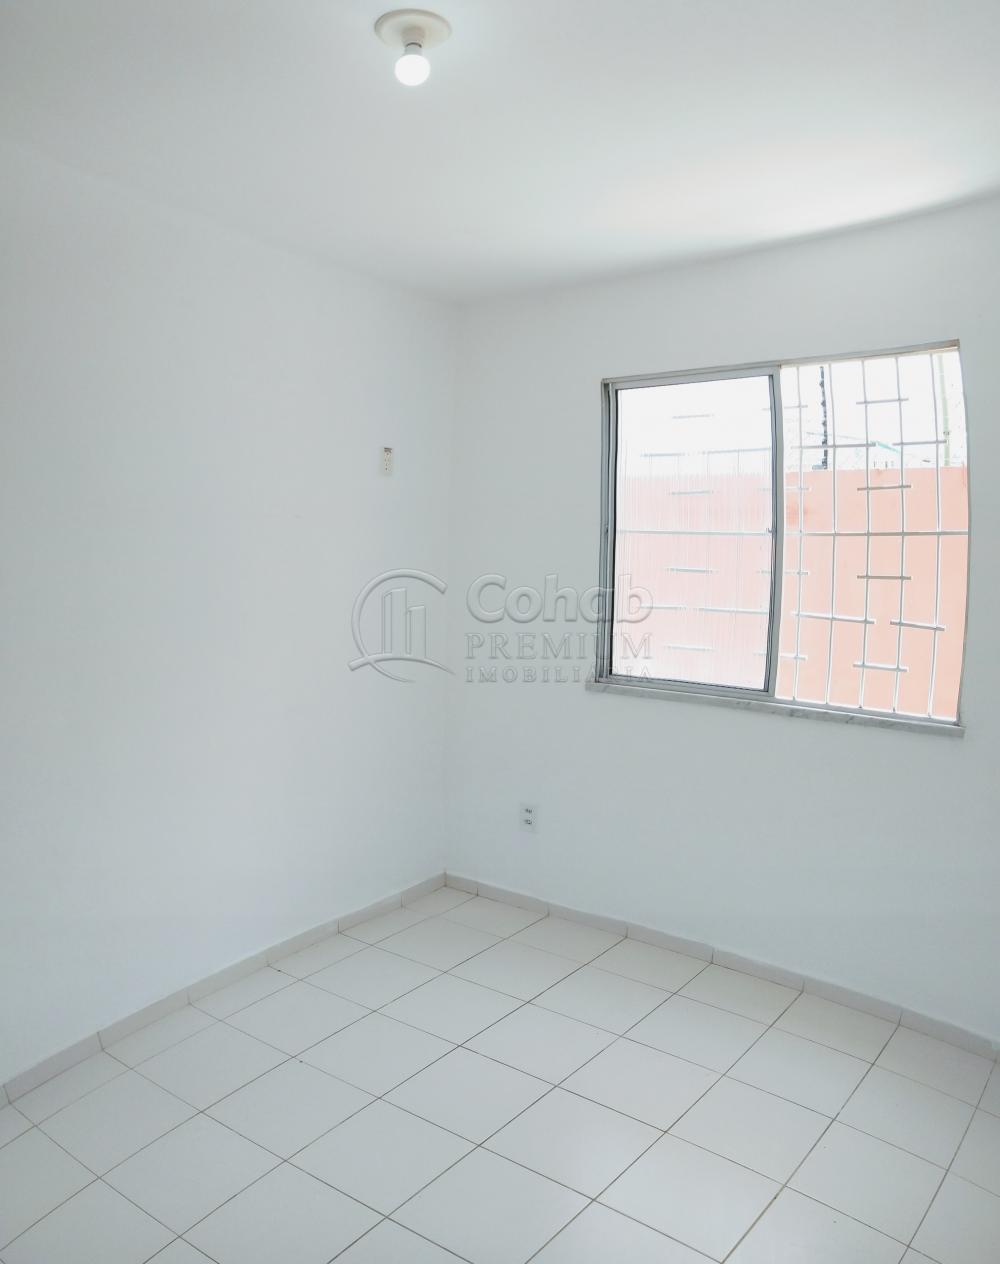 Alugar Apartamento / Padrão em Aracaju apenas R$ 500,00 - Foto 4